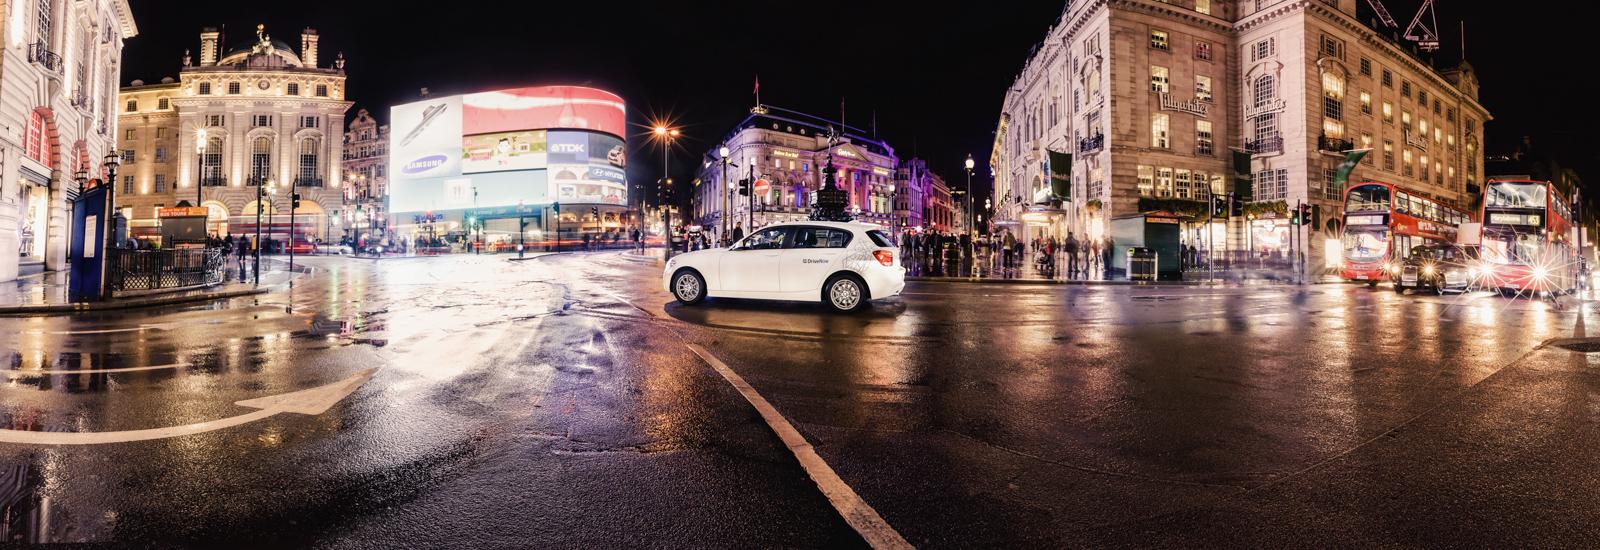 bmw drivenow london